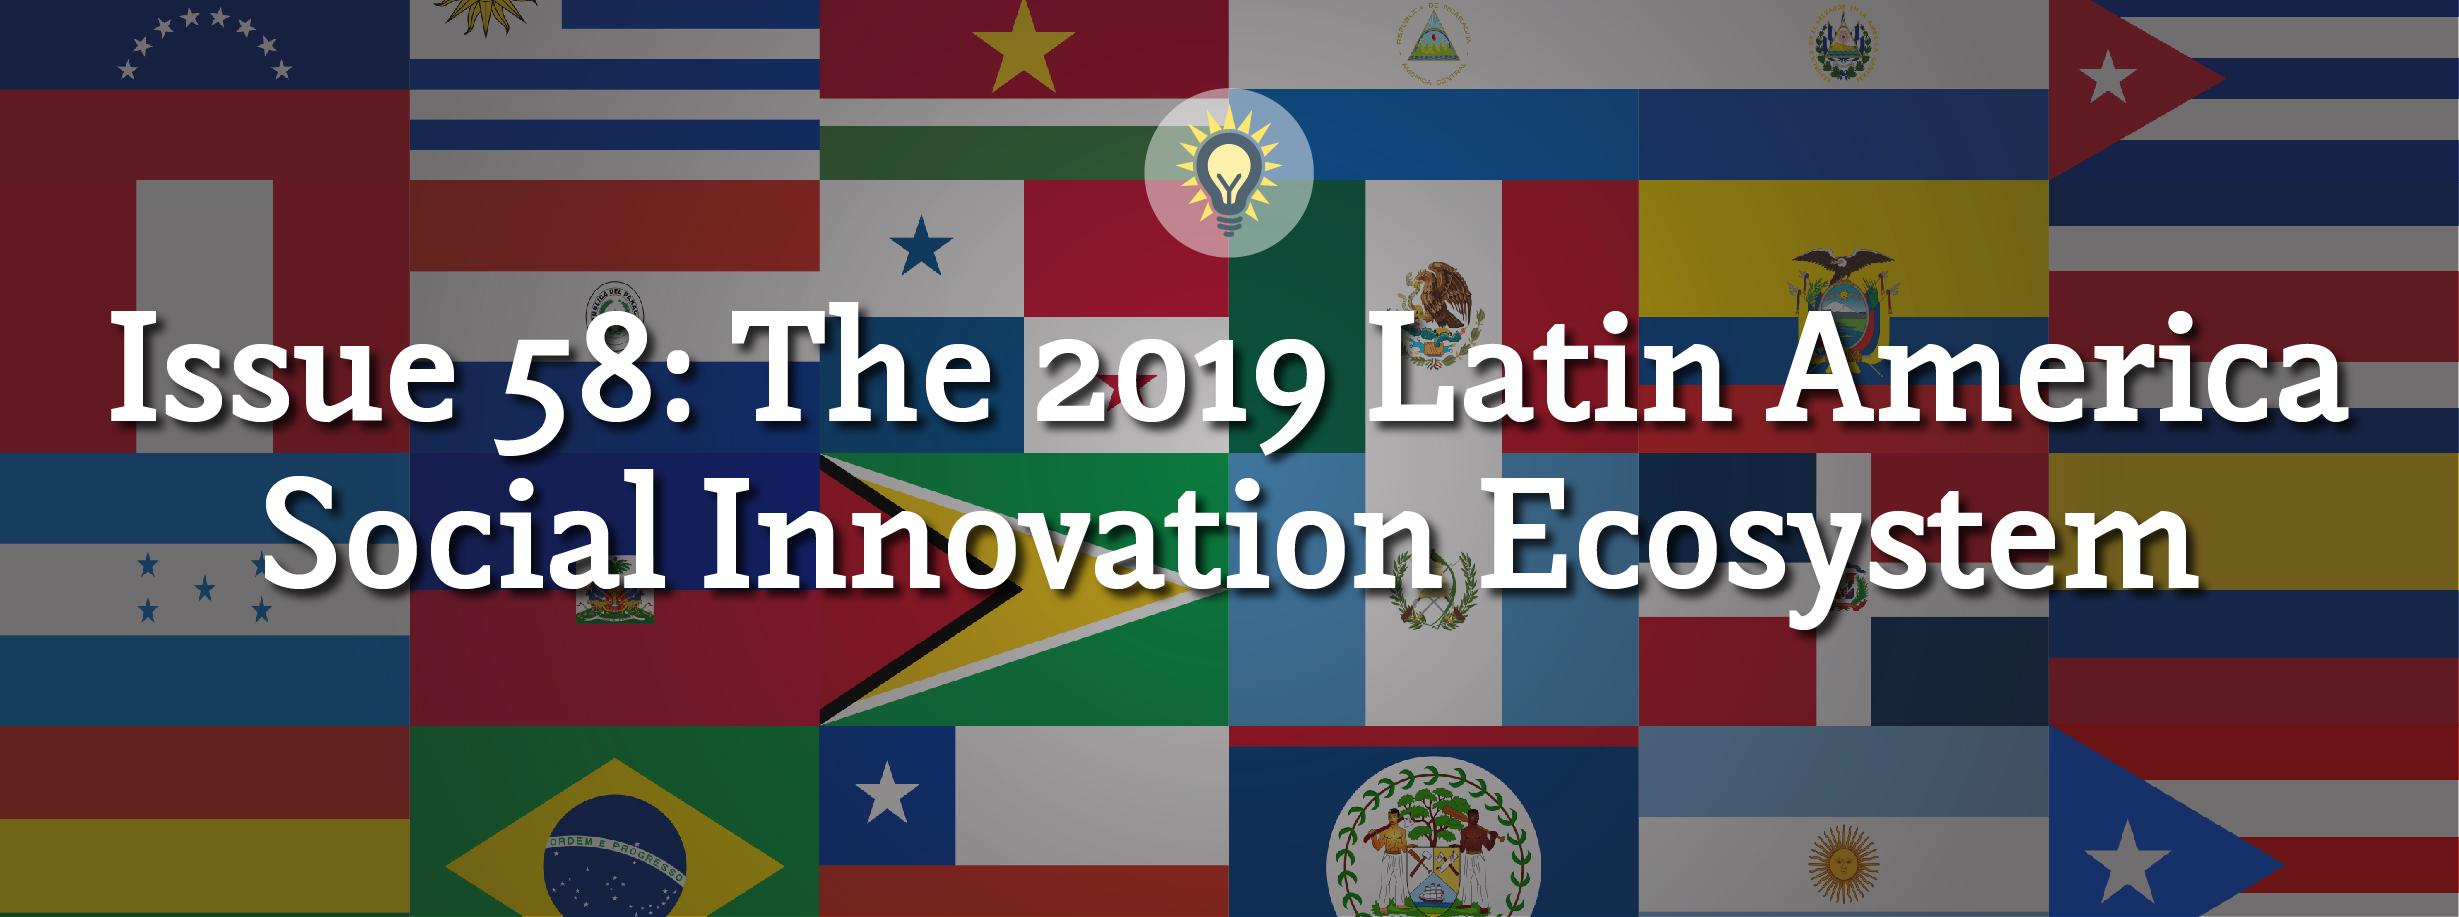 Issue 45 Ecosistema De Innovación Social En Argentina Y Chile